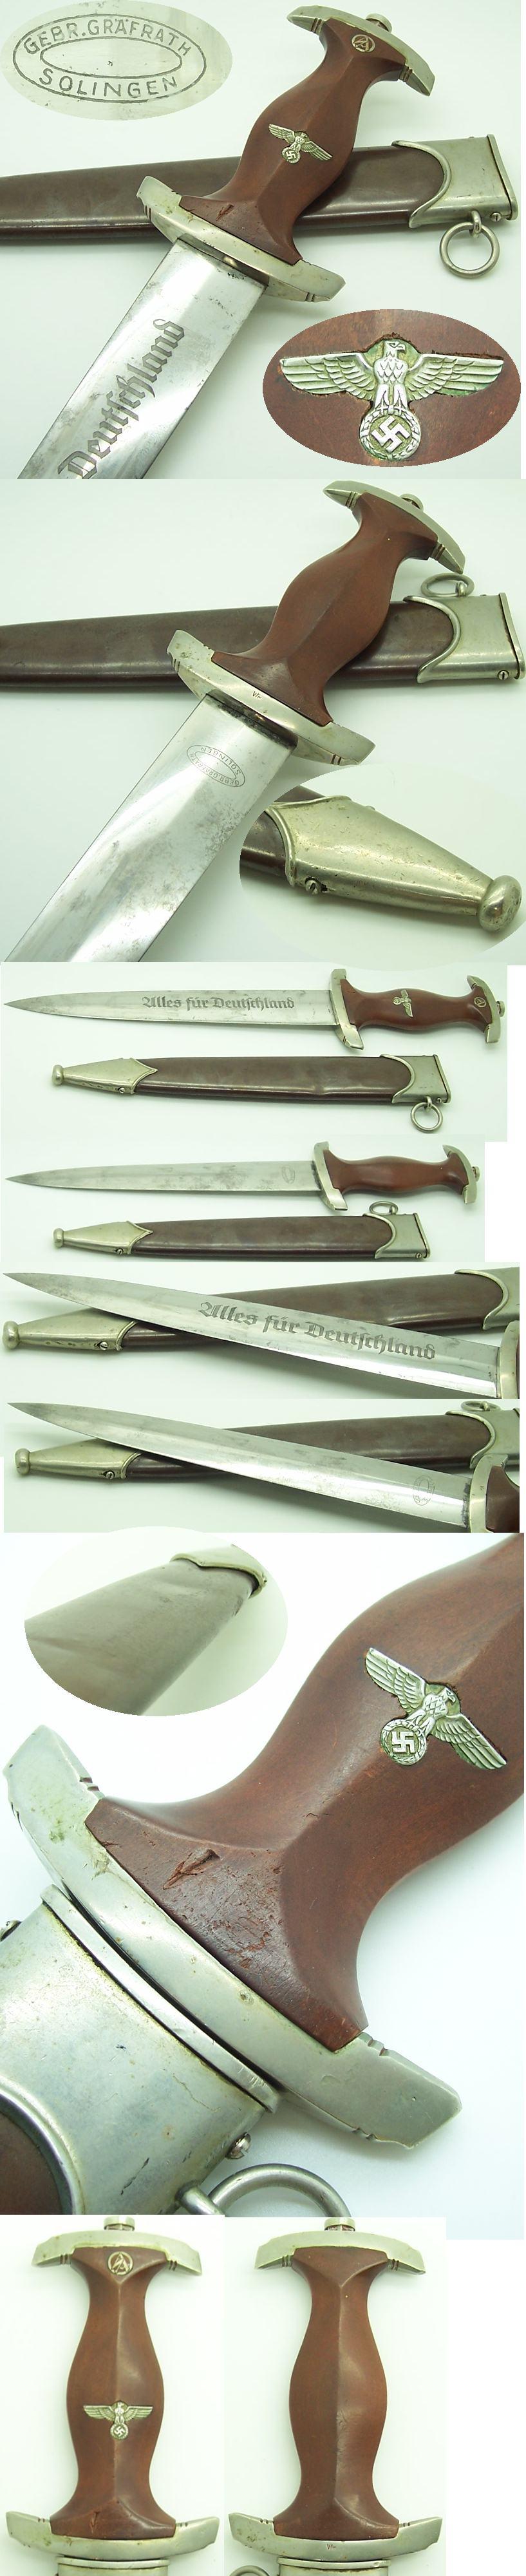 Early SA Dagger by Gebr. Grafrath